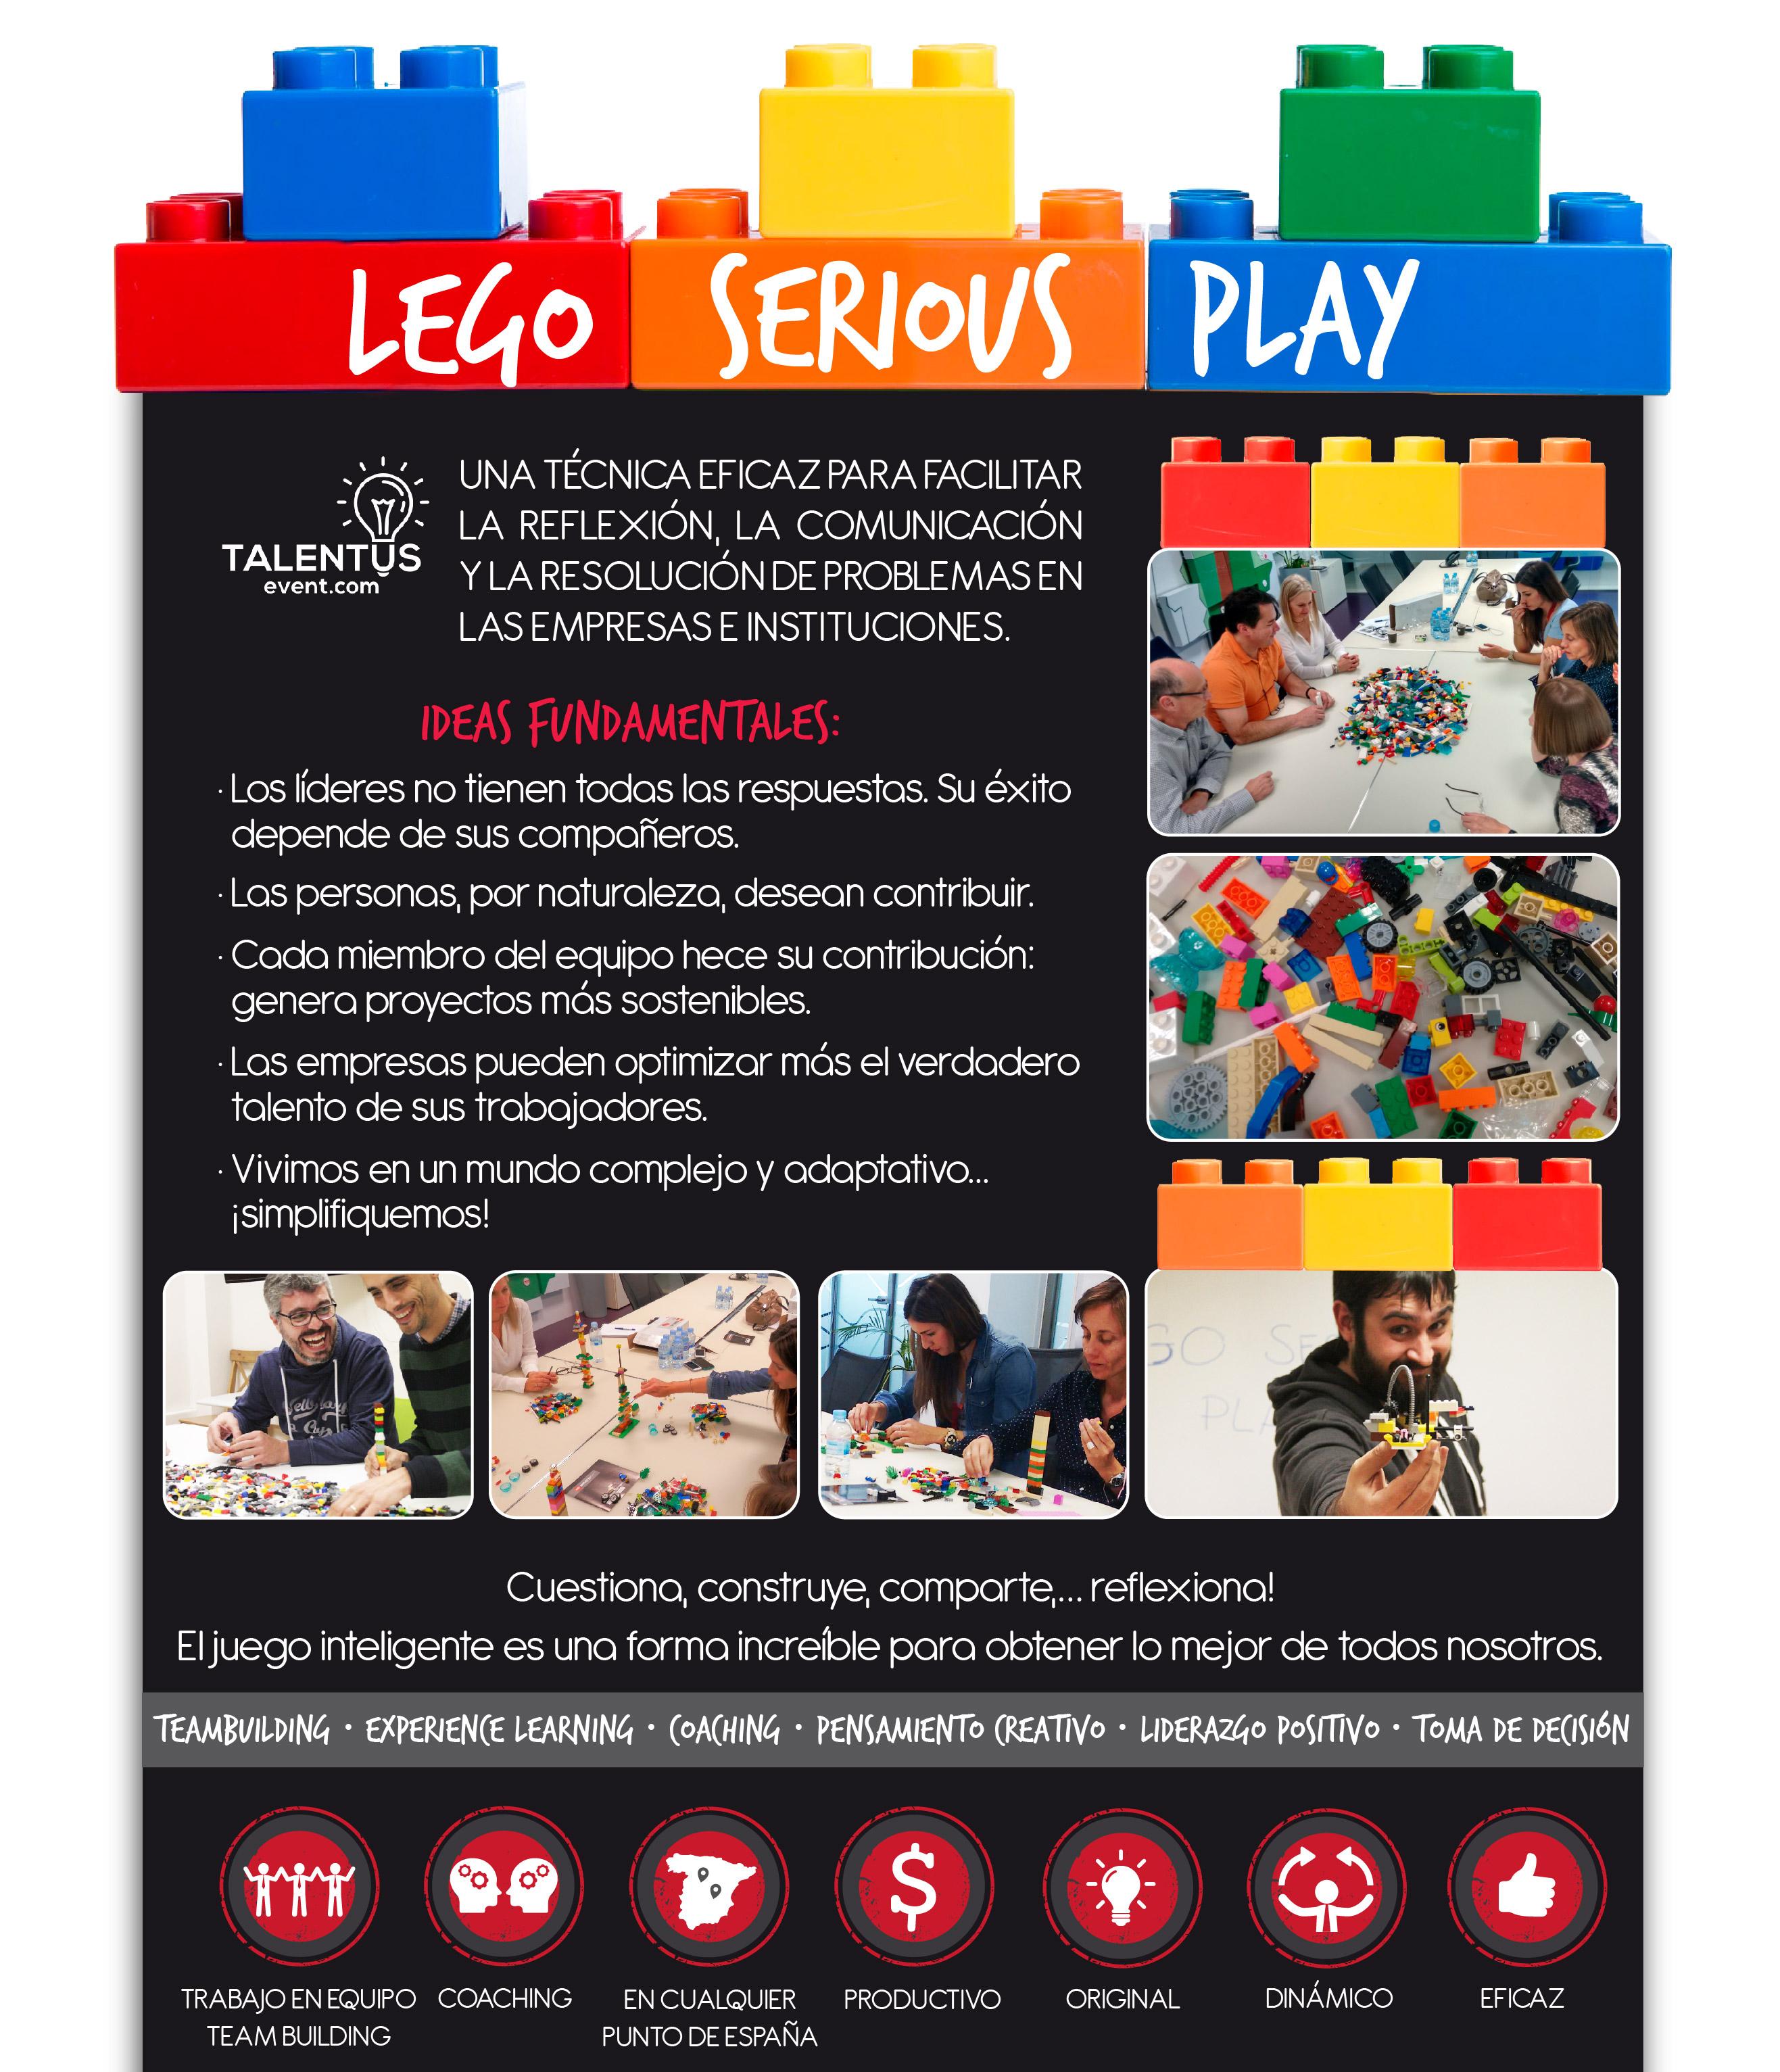 Lego-Serious-Play-entrada